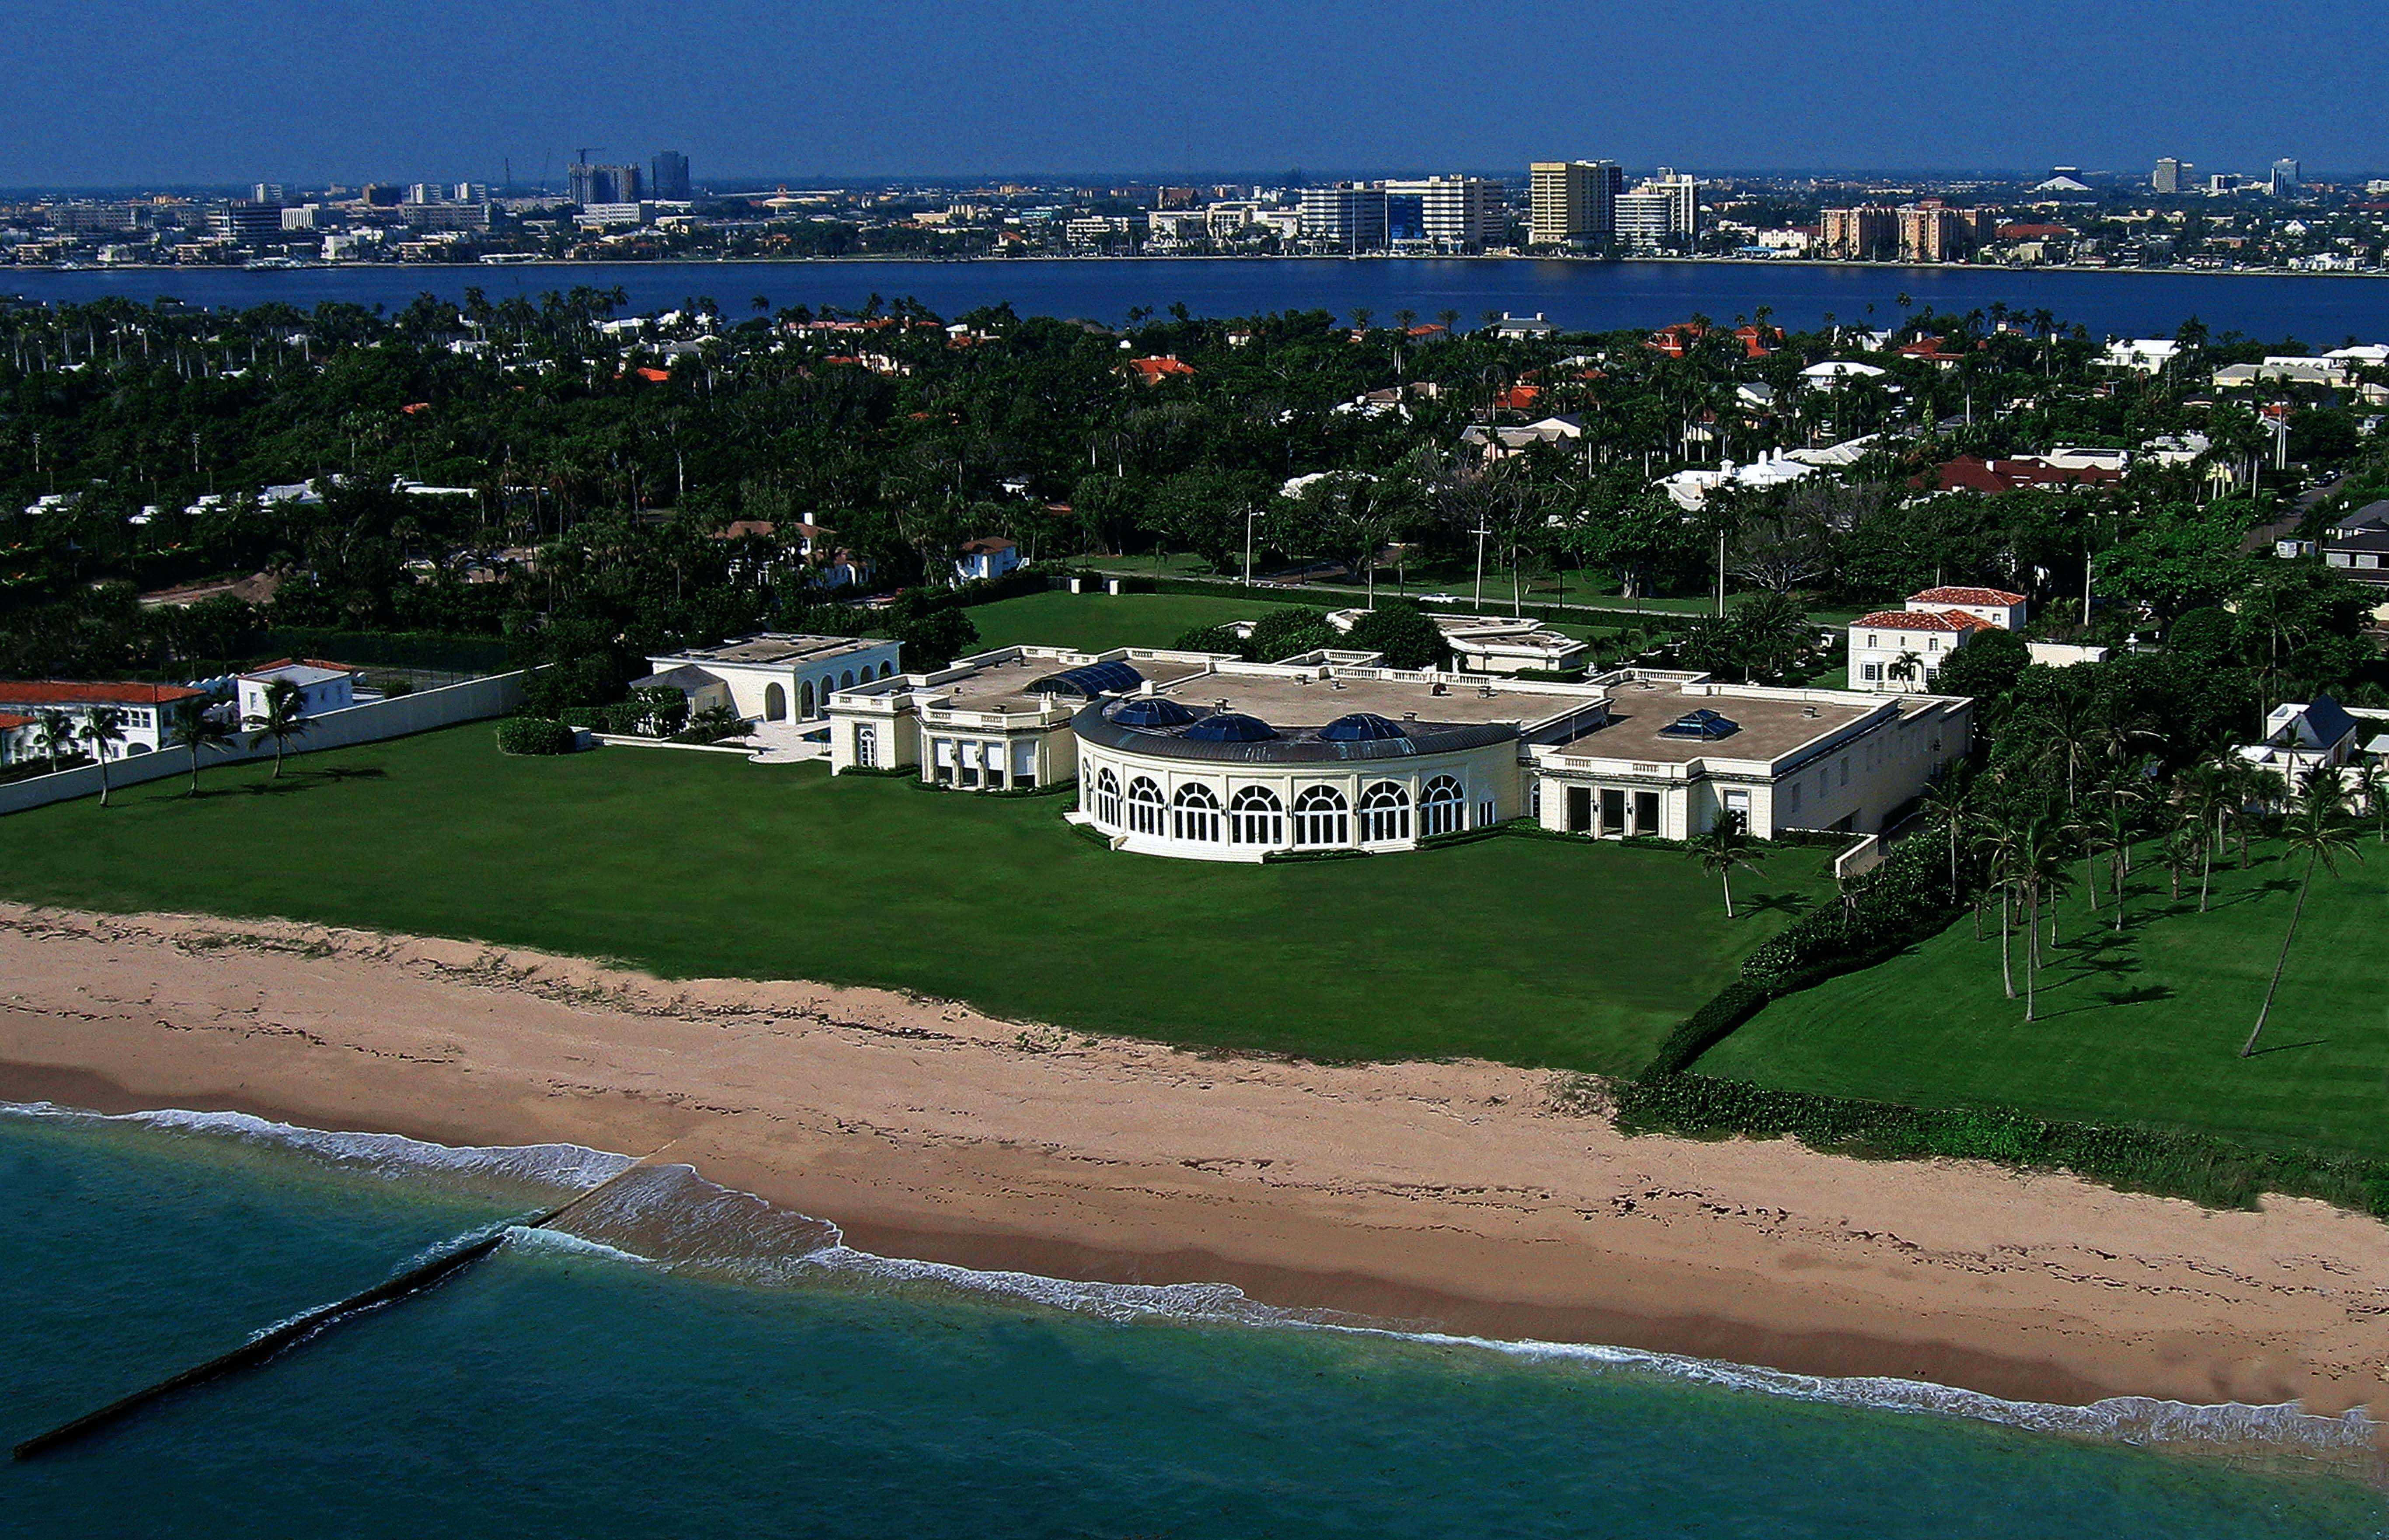 منزل Rybolovlev Estate من أغلى منازل الأغنياء حول العالم